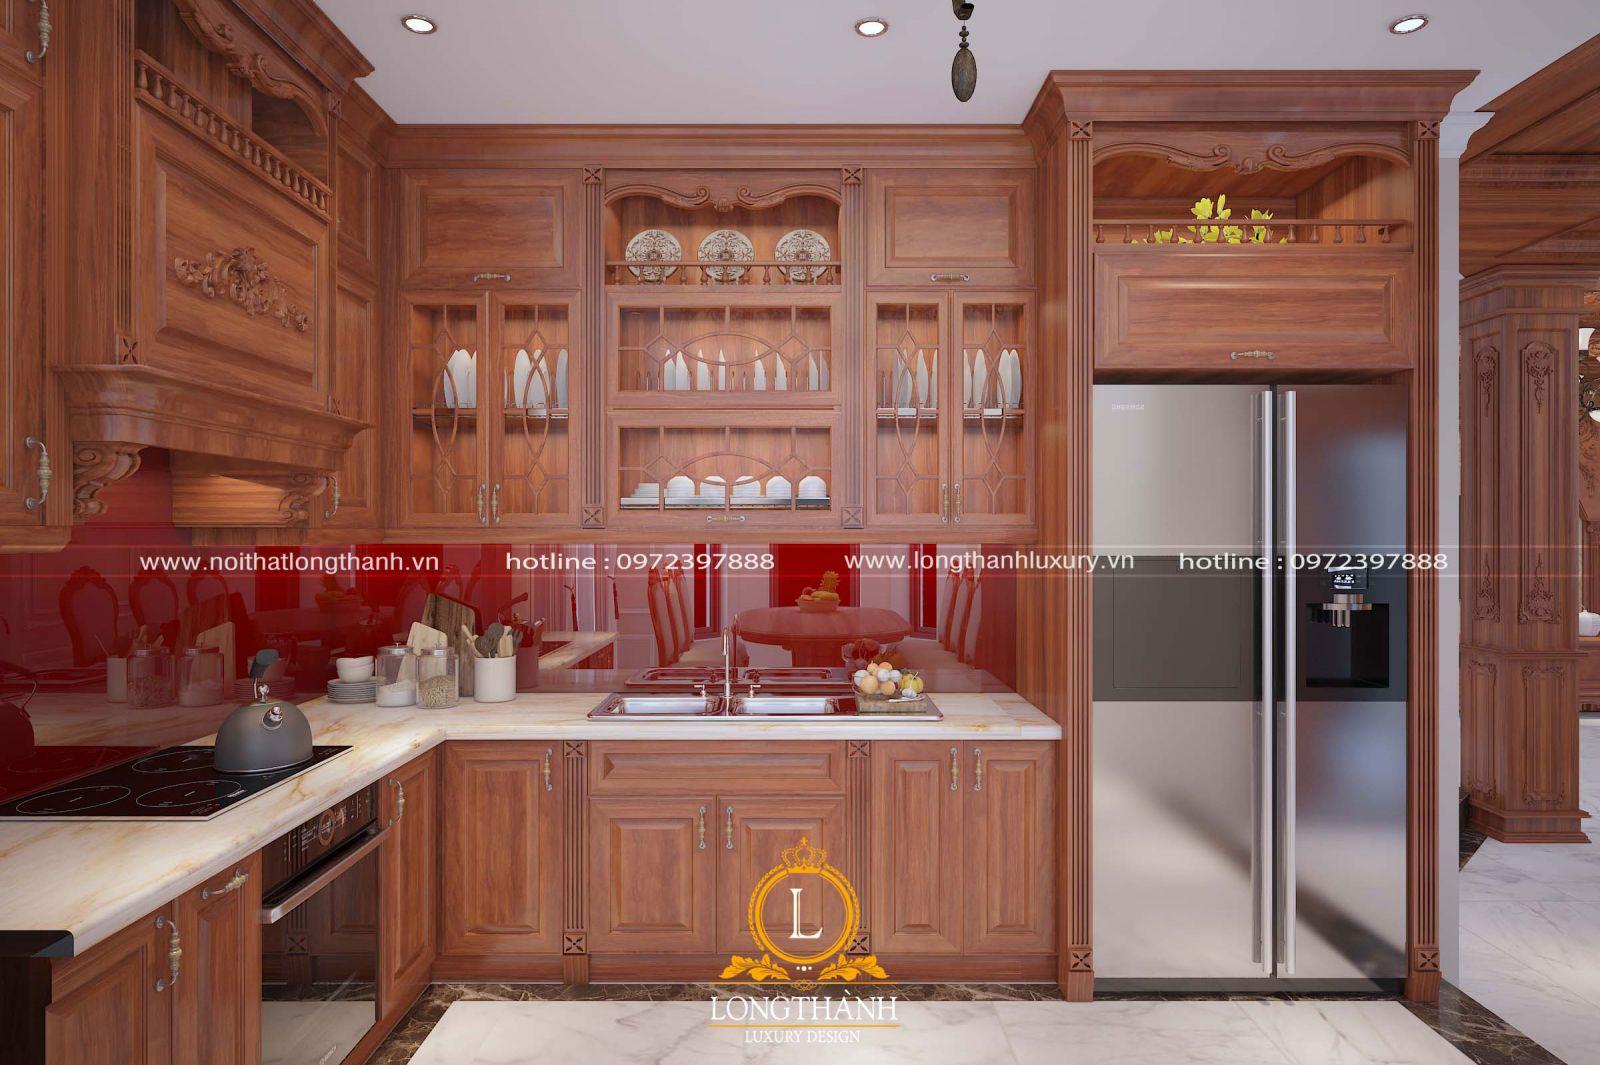 Tủ bếp với gam màu vàng sáng được làm từ chất lượng gỗ Gõ tự nhiên